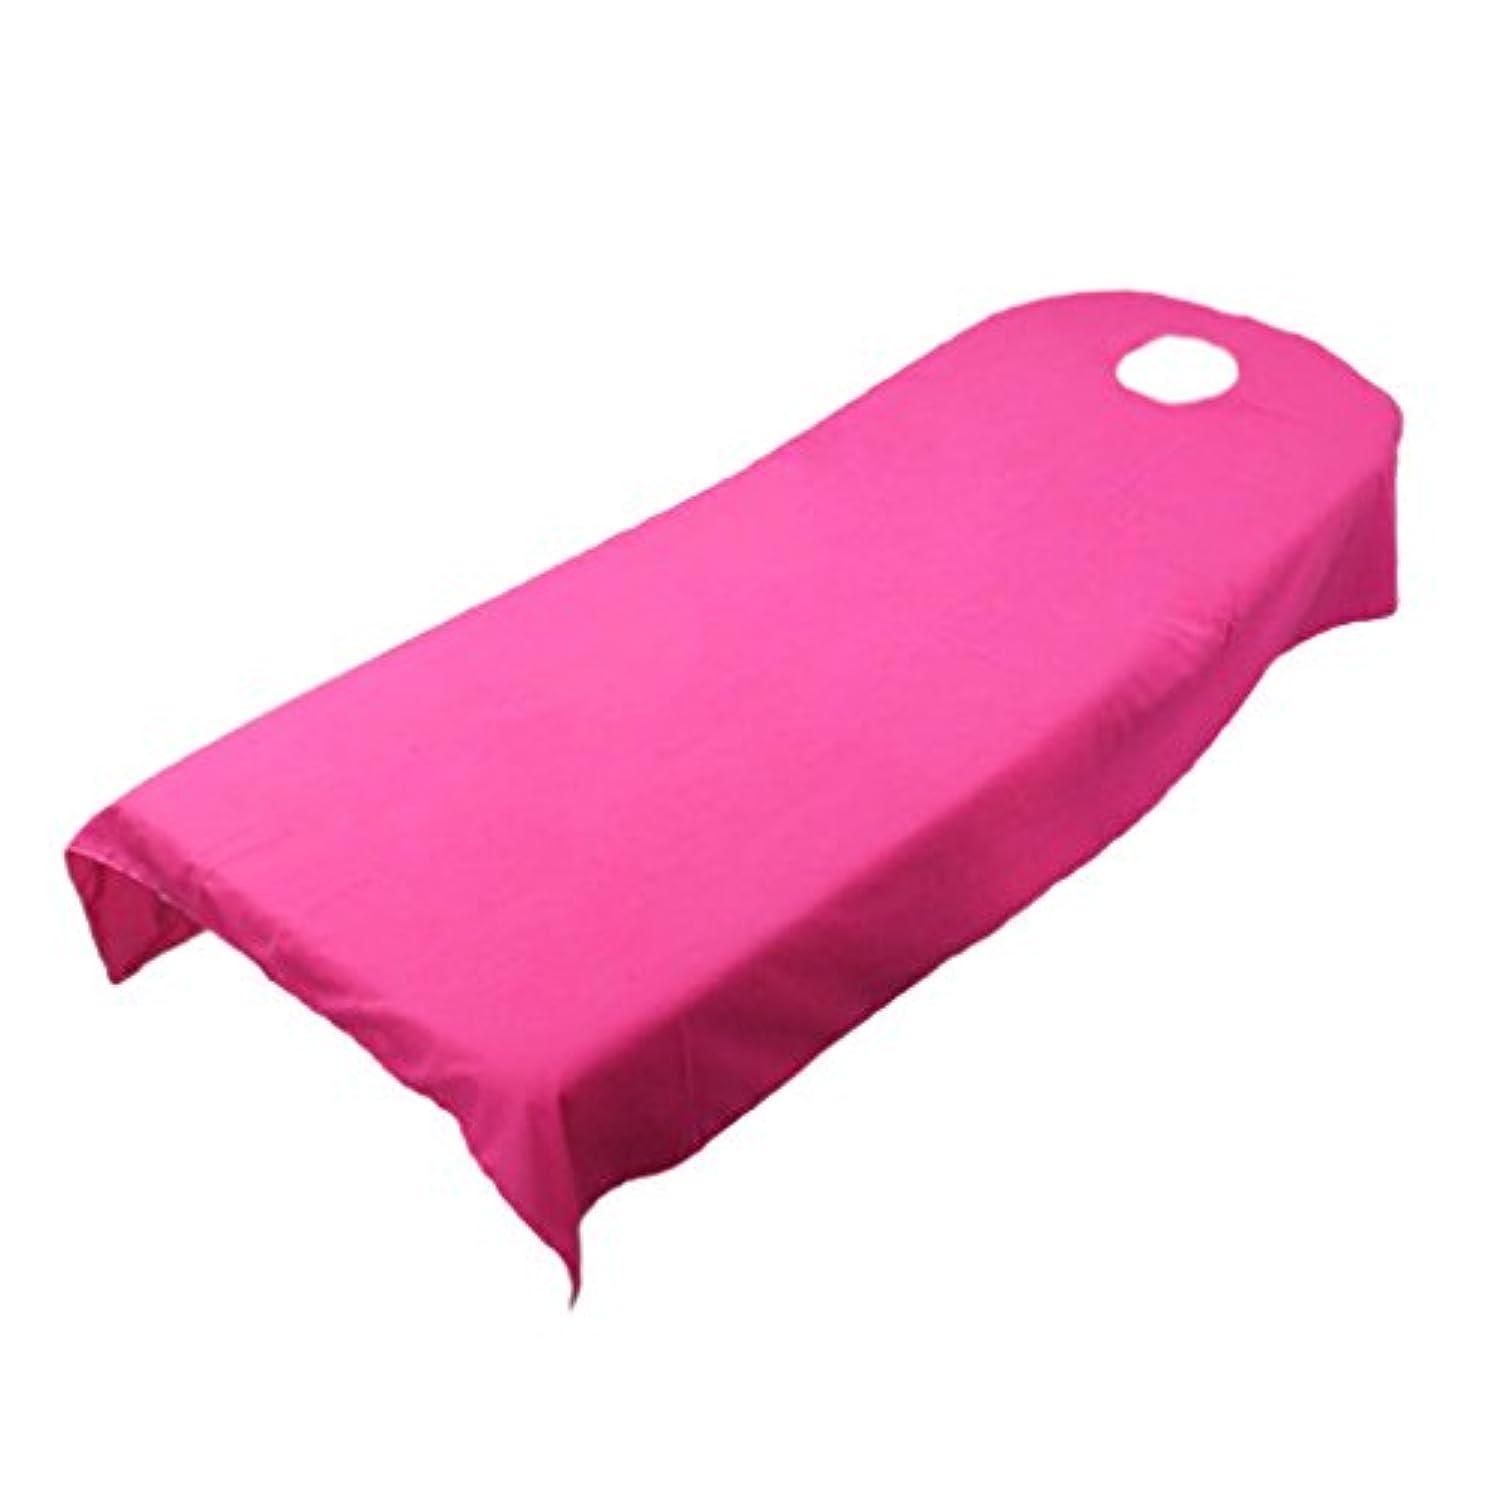 エネルギー歌手初期柔らかい ベッドカバー シート ホール付き 美容/マッサージ/スパ専用 全9色可選 - ホトピンク